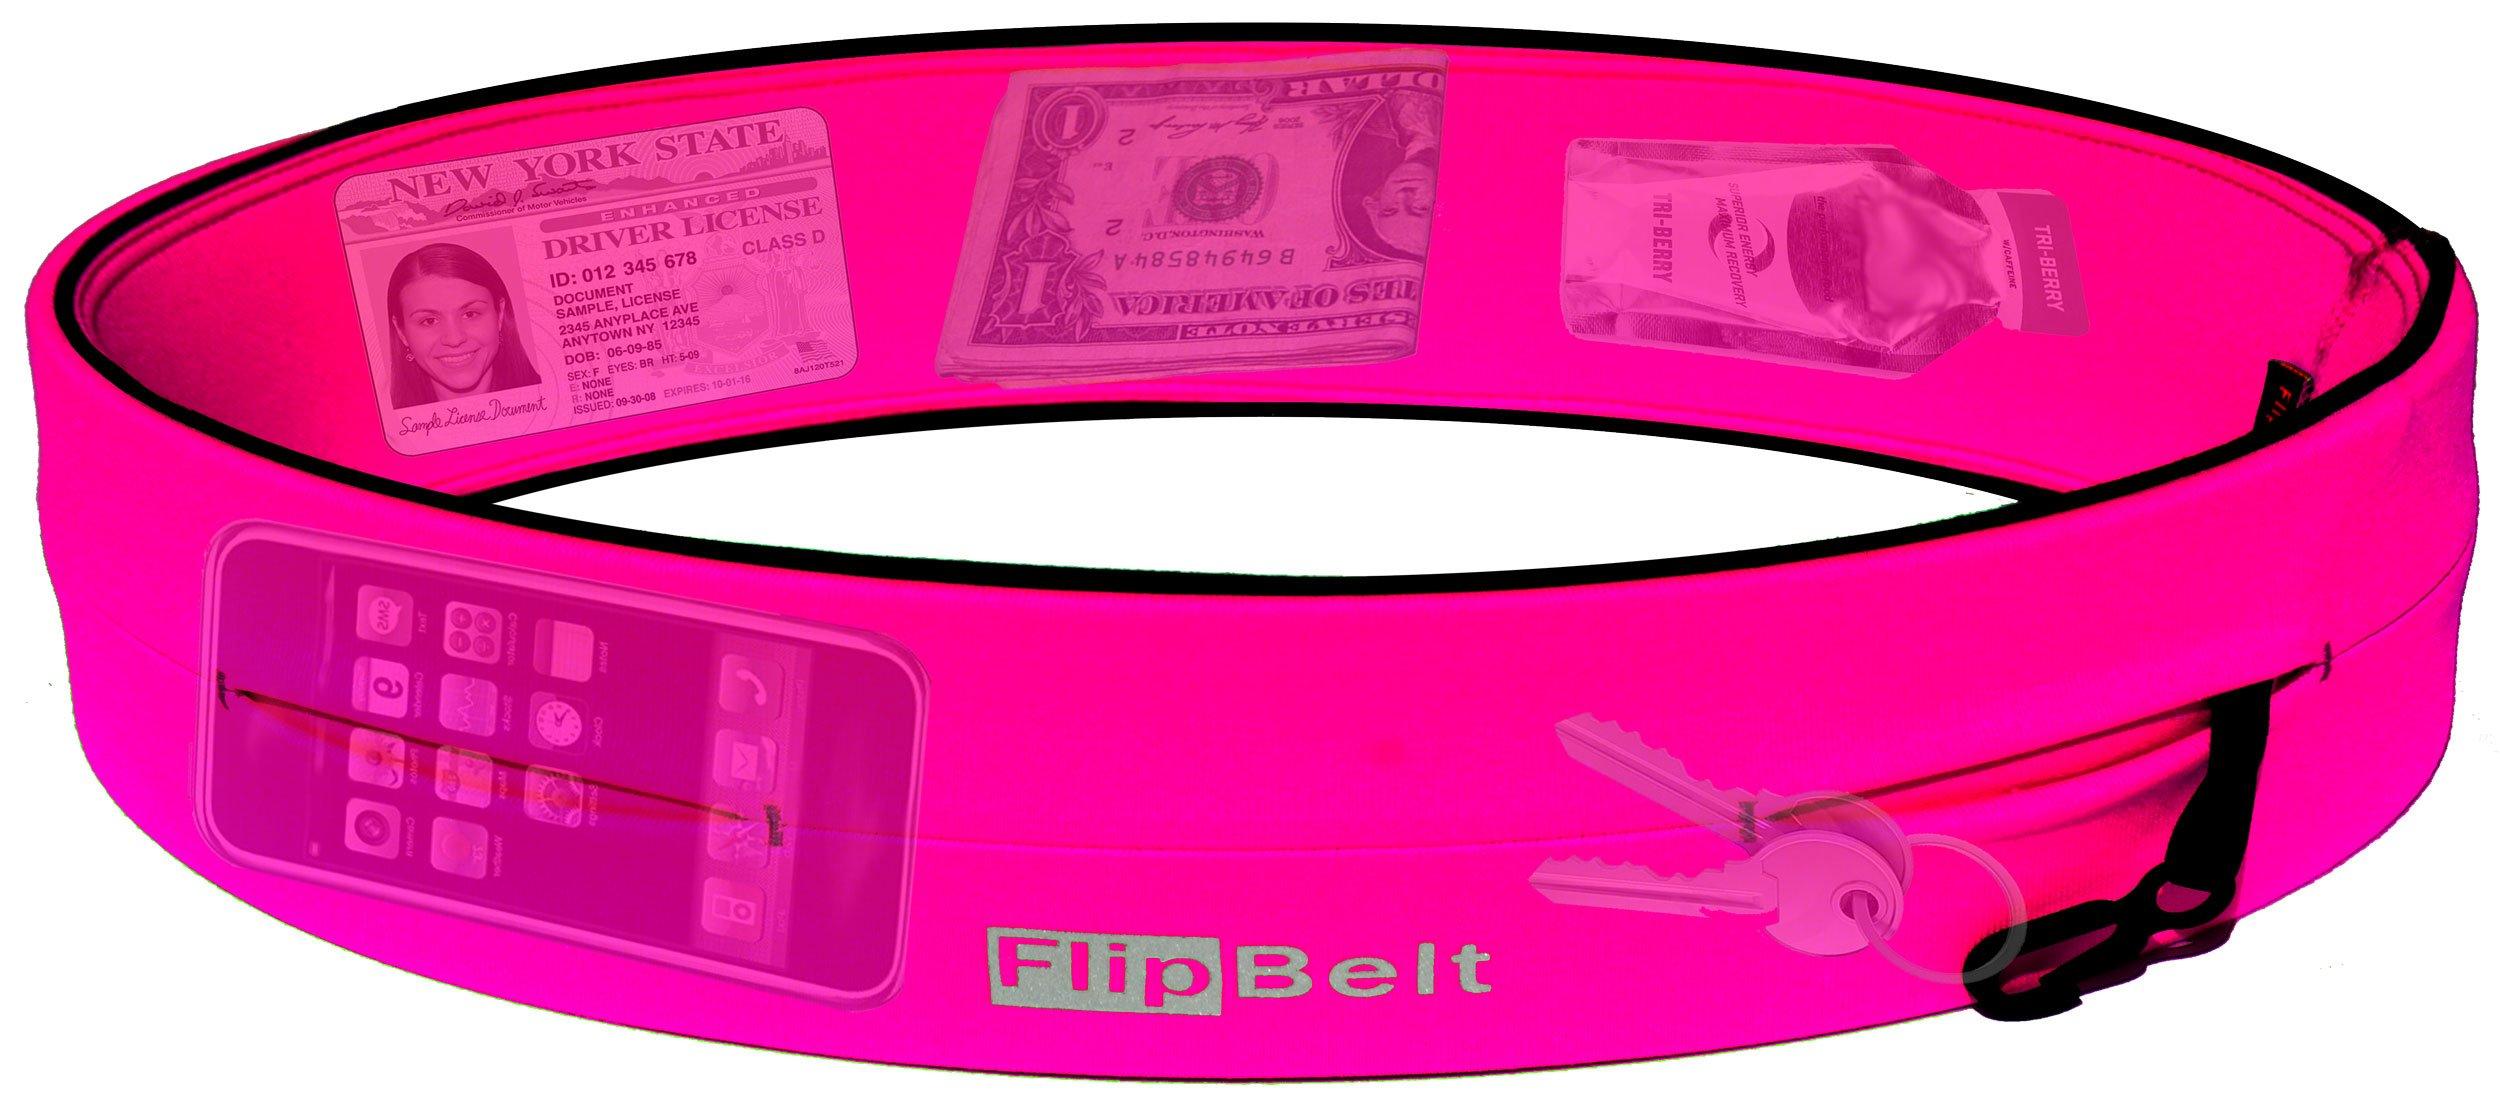 FlipBelt Level Terrain Waist Pouch, Hot Pink, X-Small/22-25'' by FlipBelt (Image #2)